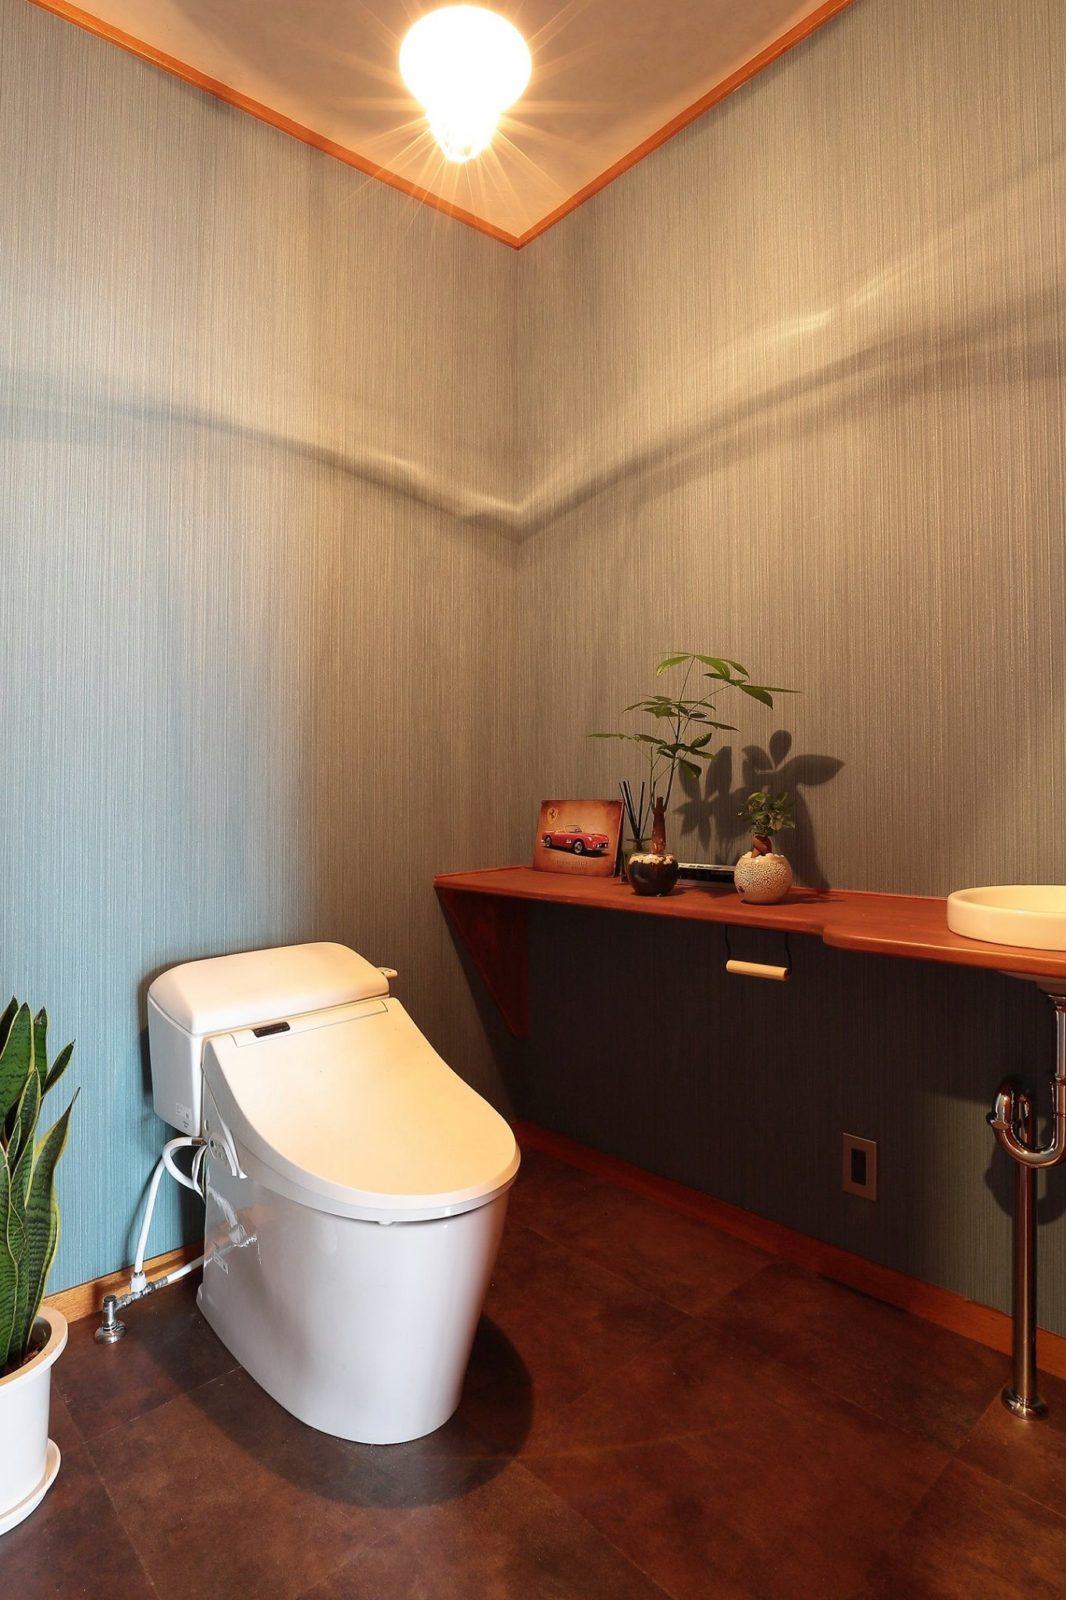 【トイレ】壁クロス張替え、床フロアタイル、ジャニストイレ、造作手洗い